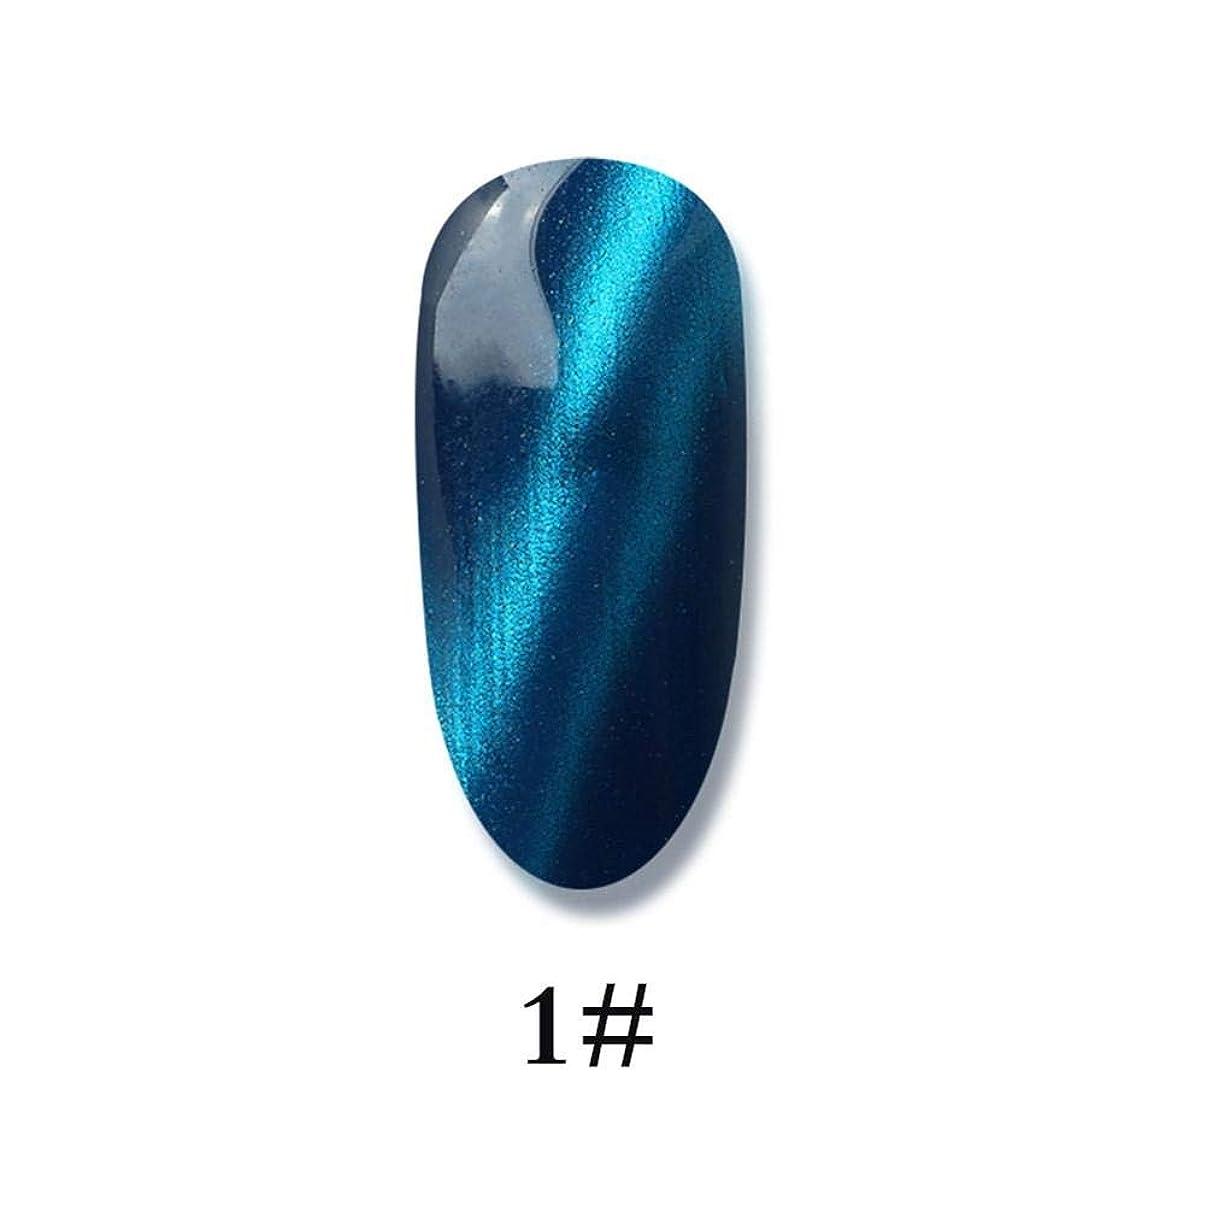 スリラー別れるレールネイルポリッシュ - ネイル光線療法用ゲル 3Dキャットアイジェルメイクアップネイルポリッシュグルー